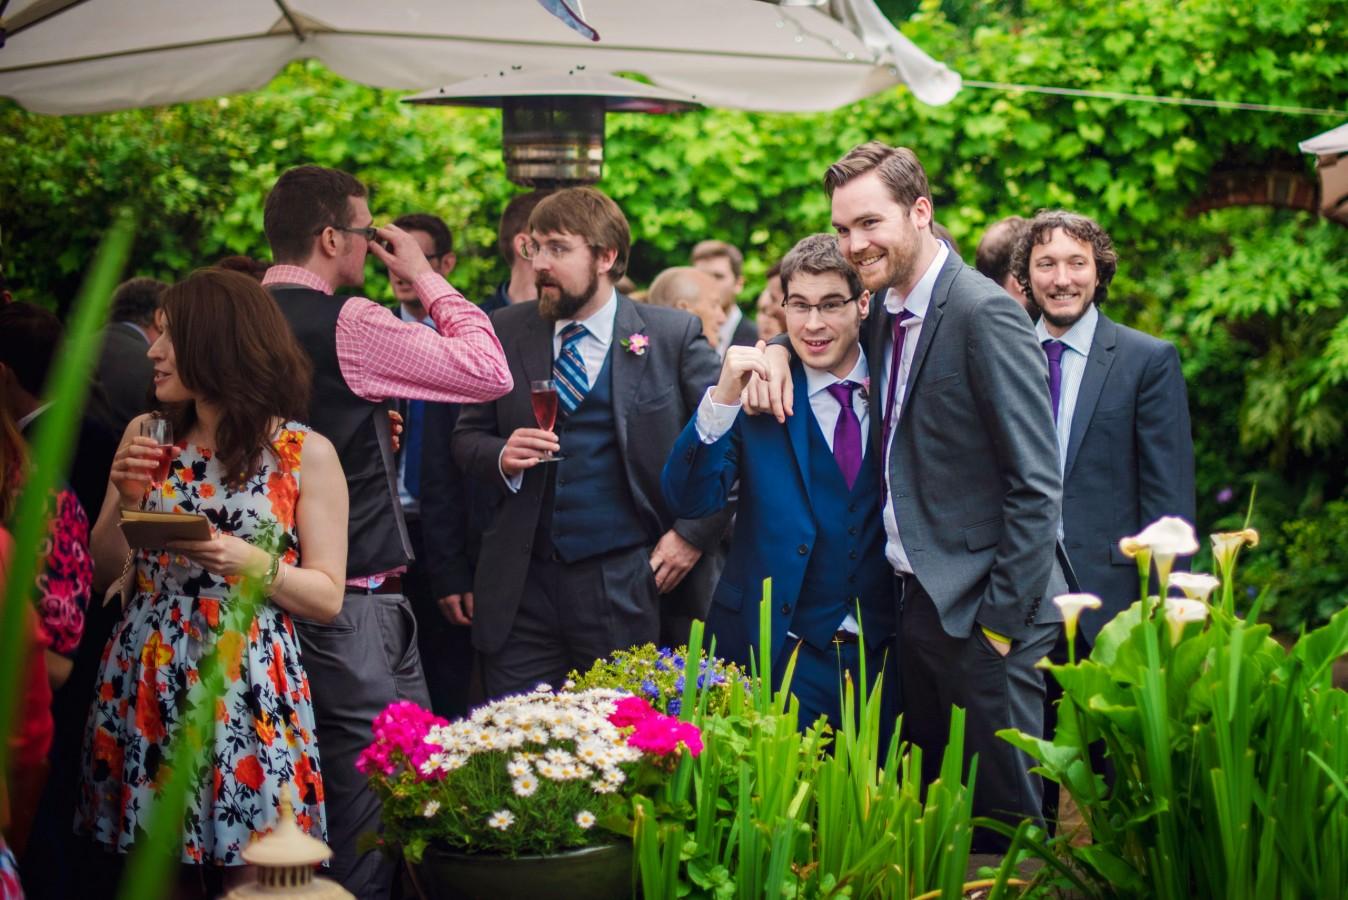 Hampshire Wedding Photographer - GK Photography-124